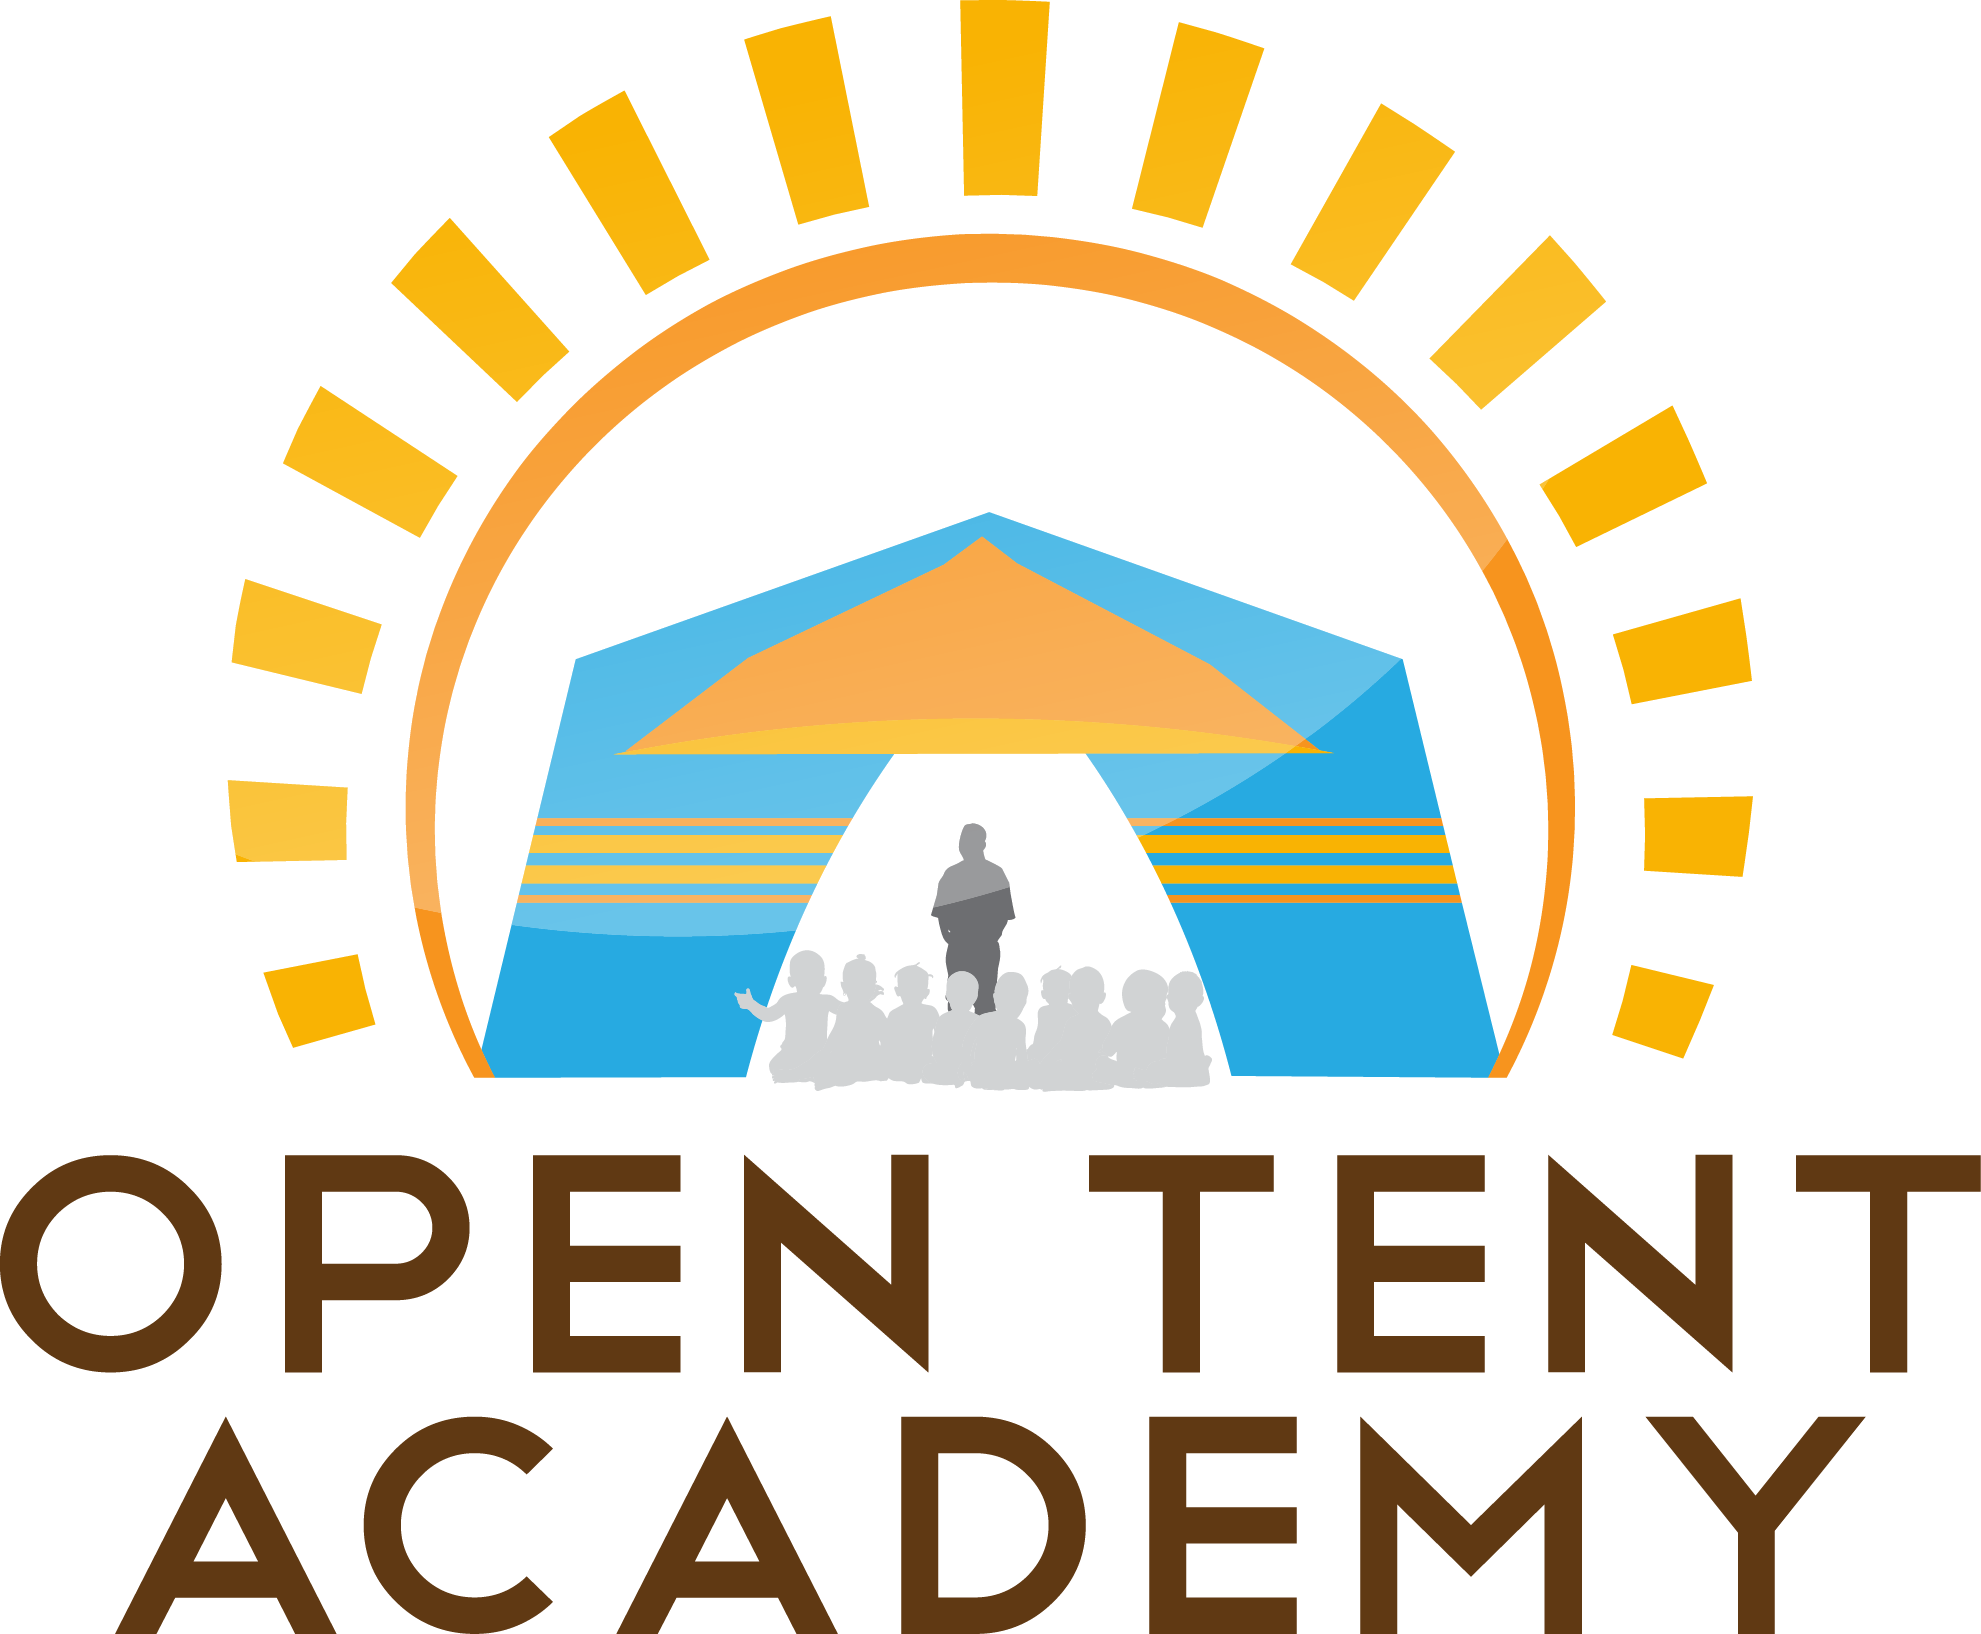 Open Tent Academy